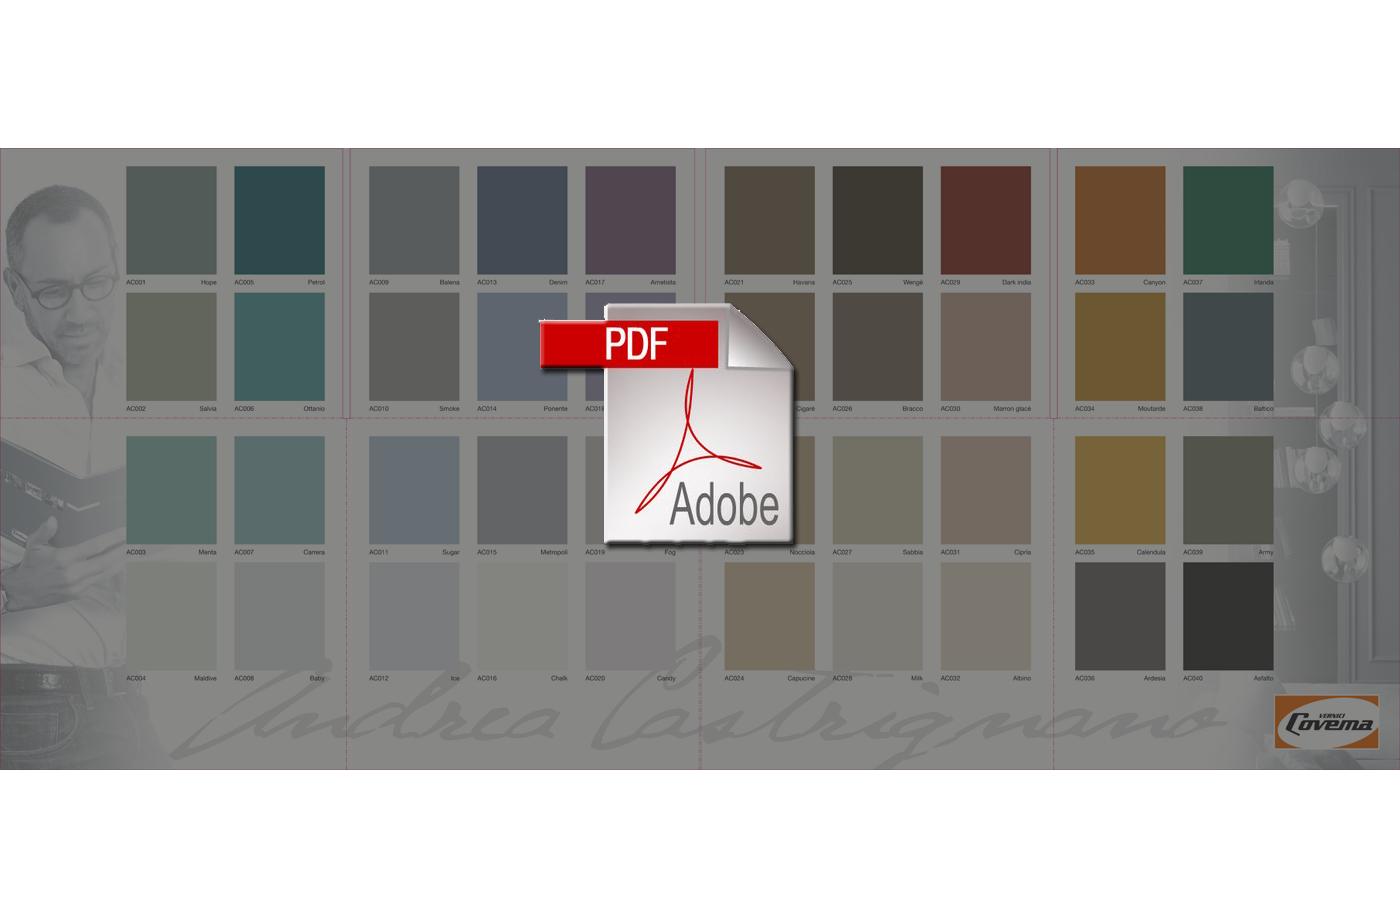 Cartella colori per pareti interne top amazing cartella colori with cartella colori per pareti - Tabella colori per pareti interne ...